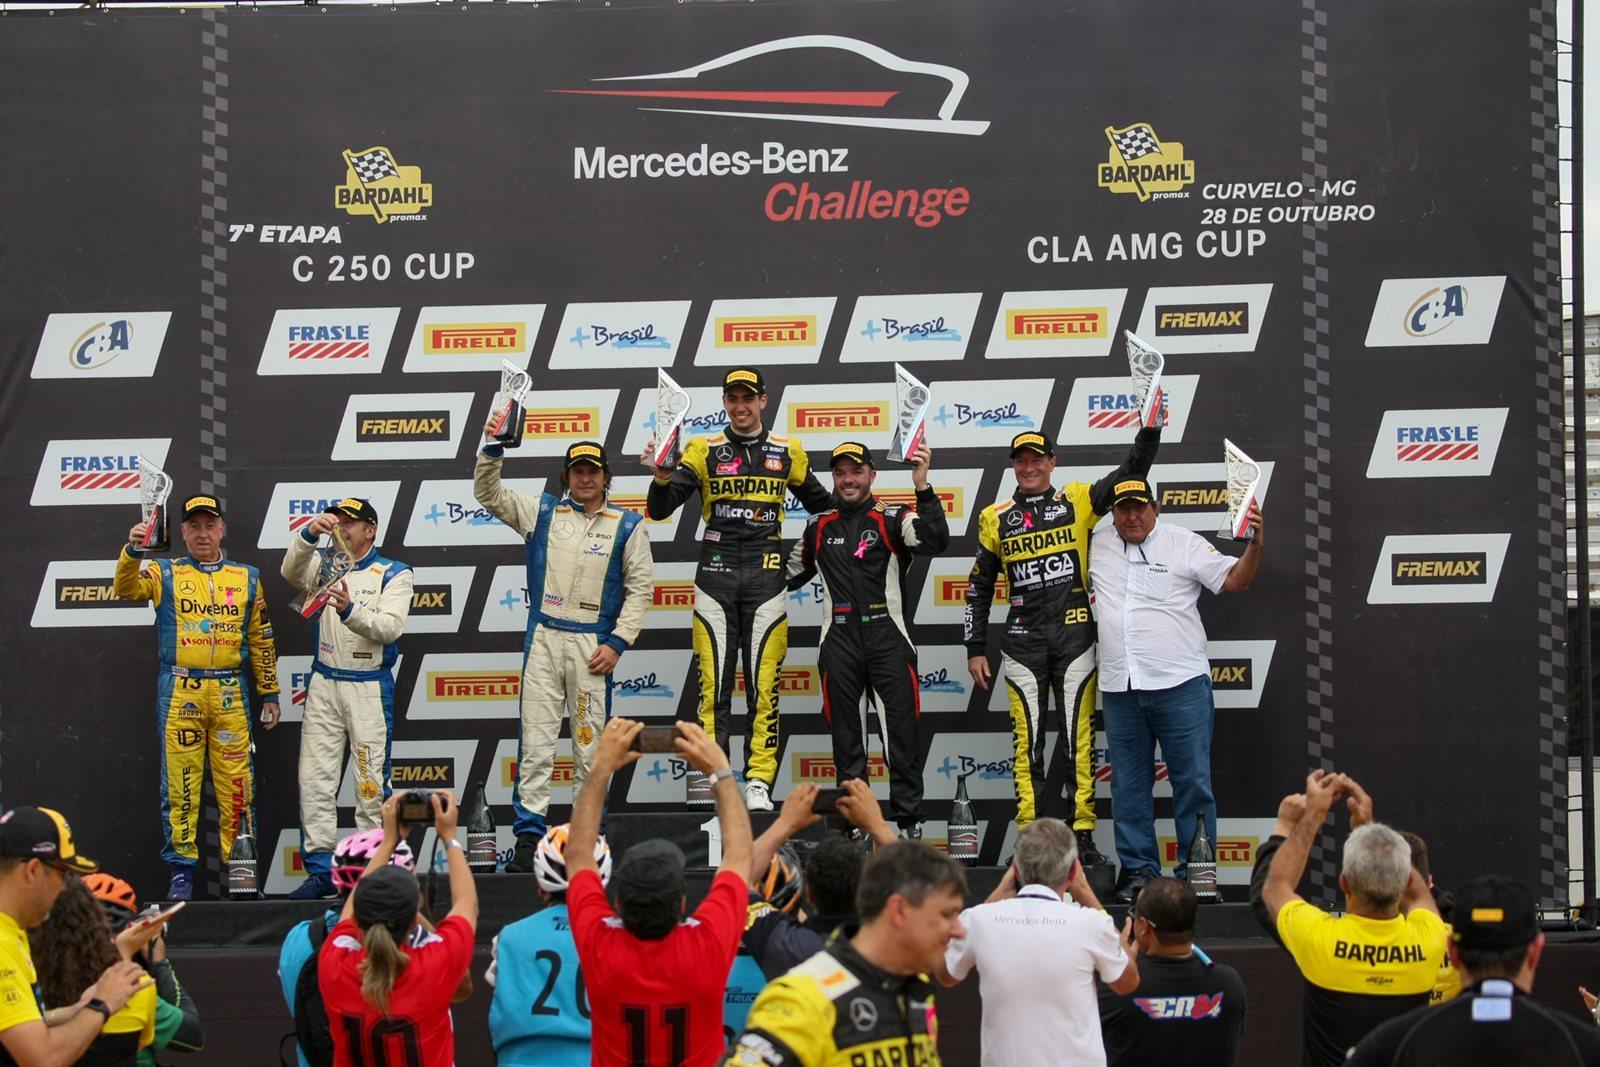 Photo of MB Challenge – Moraes Jr. vence a 4ª seguida na C250. Amorim Jr. também é o vencedor na CLA Master